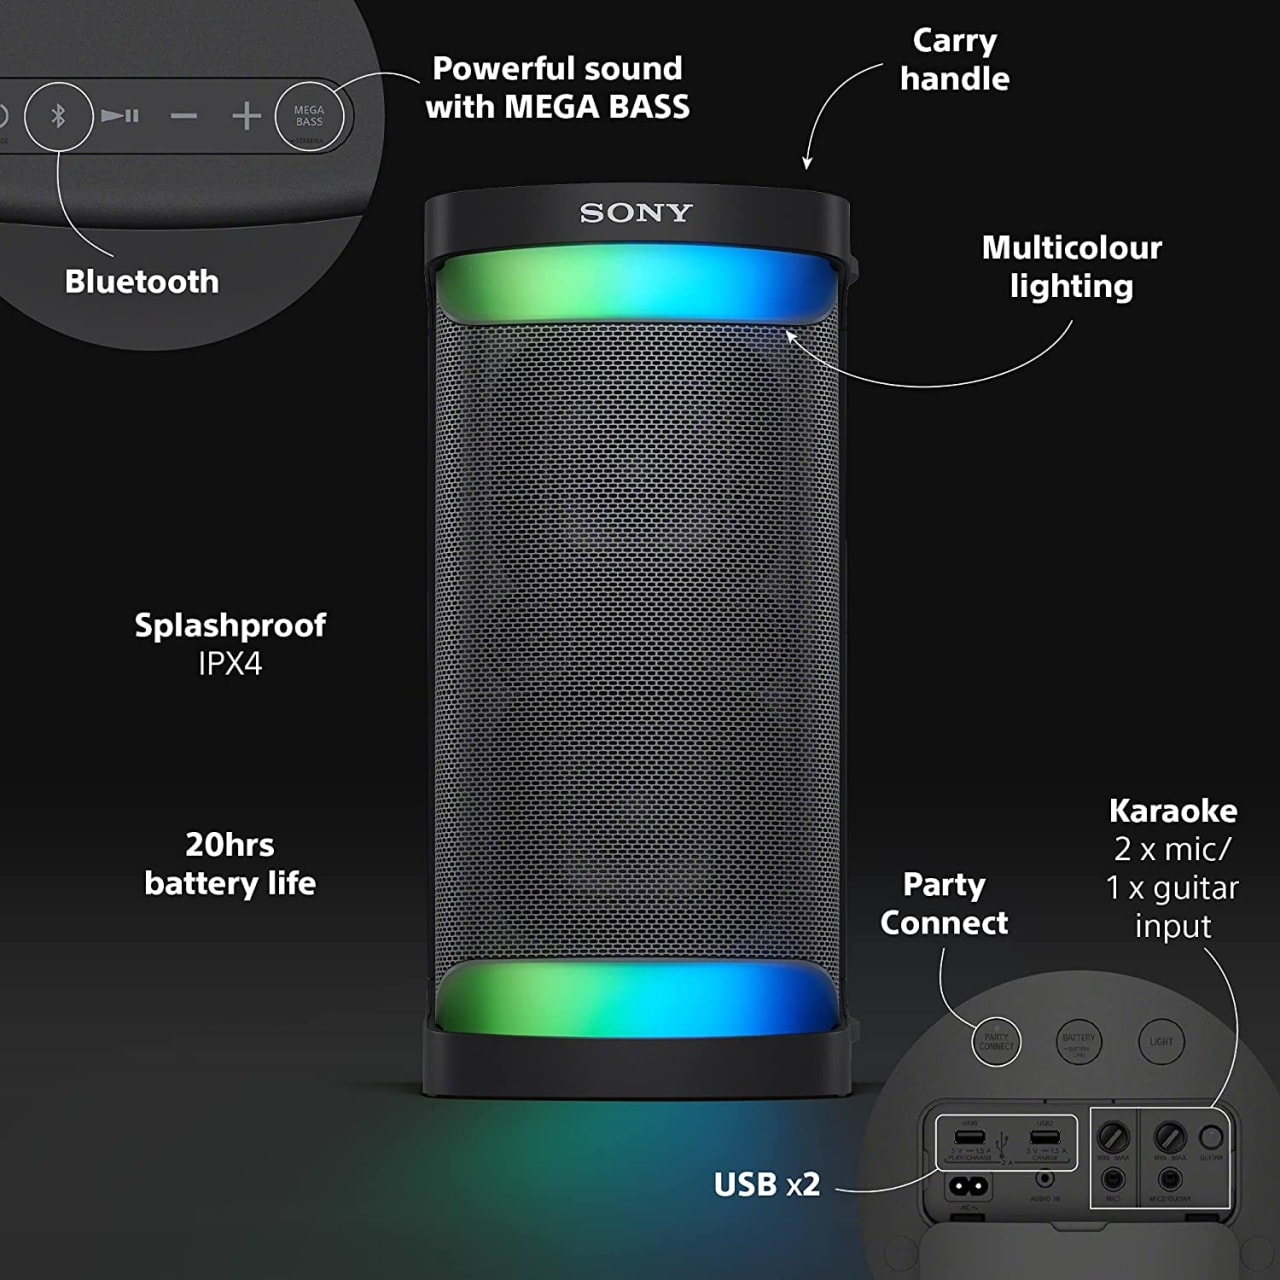 Sony SRS-XP500 Portable Wireless Speaker.5